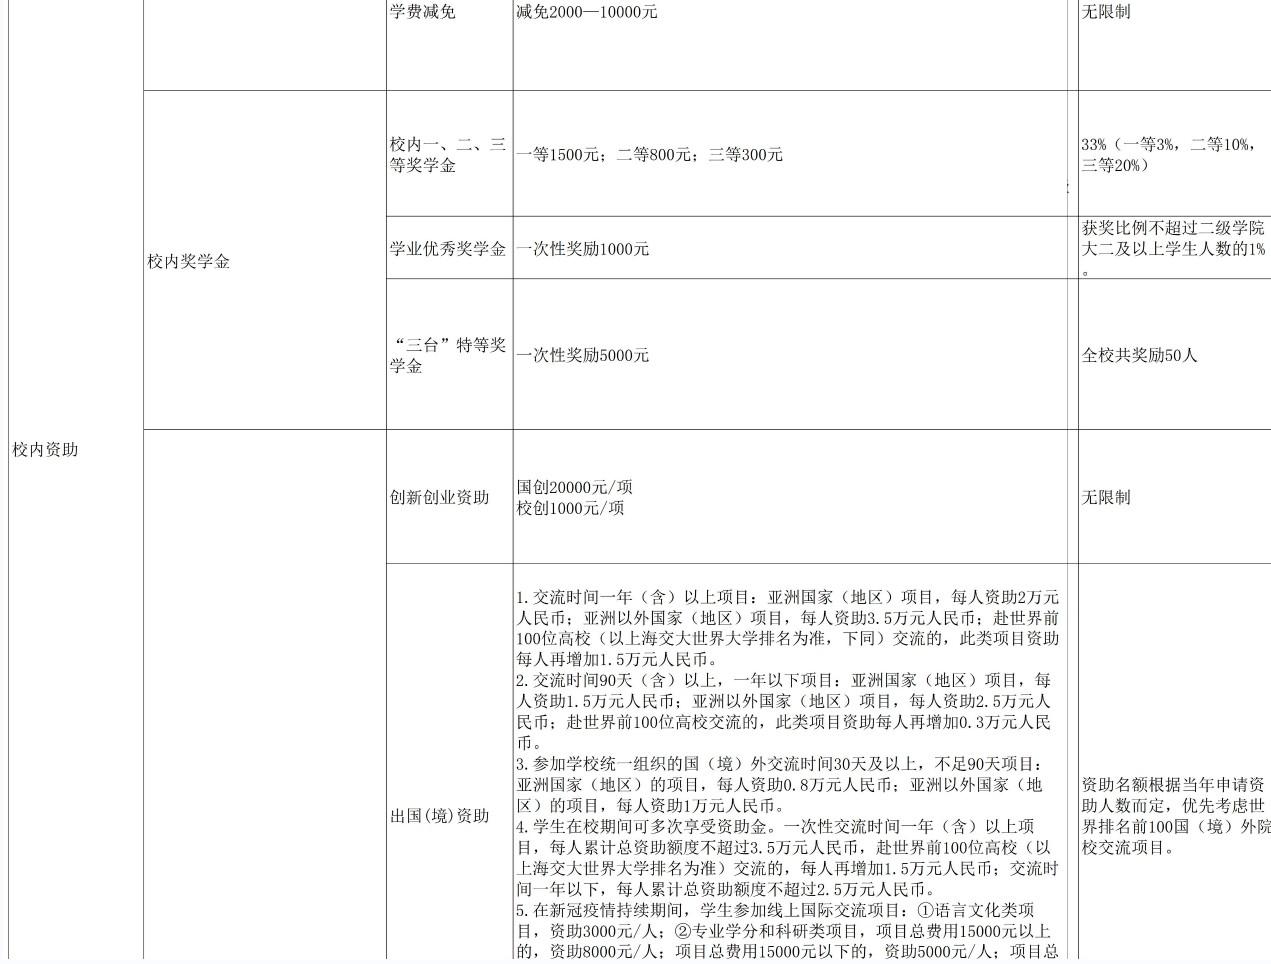 台州学院奖助学金有哪些分别多少钱 怎么申请评定3.jpg